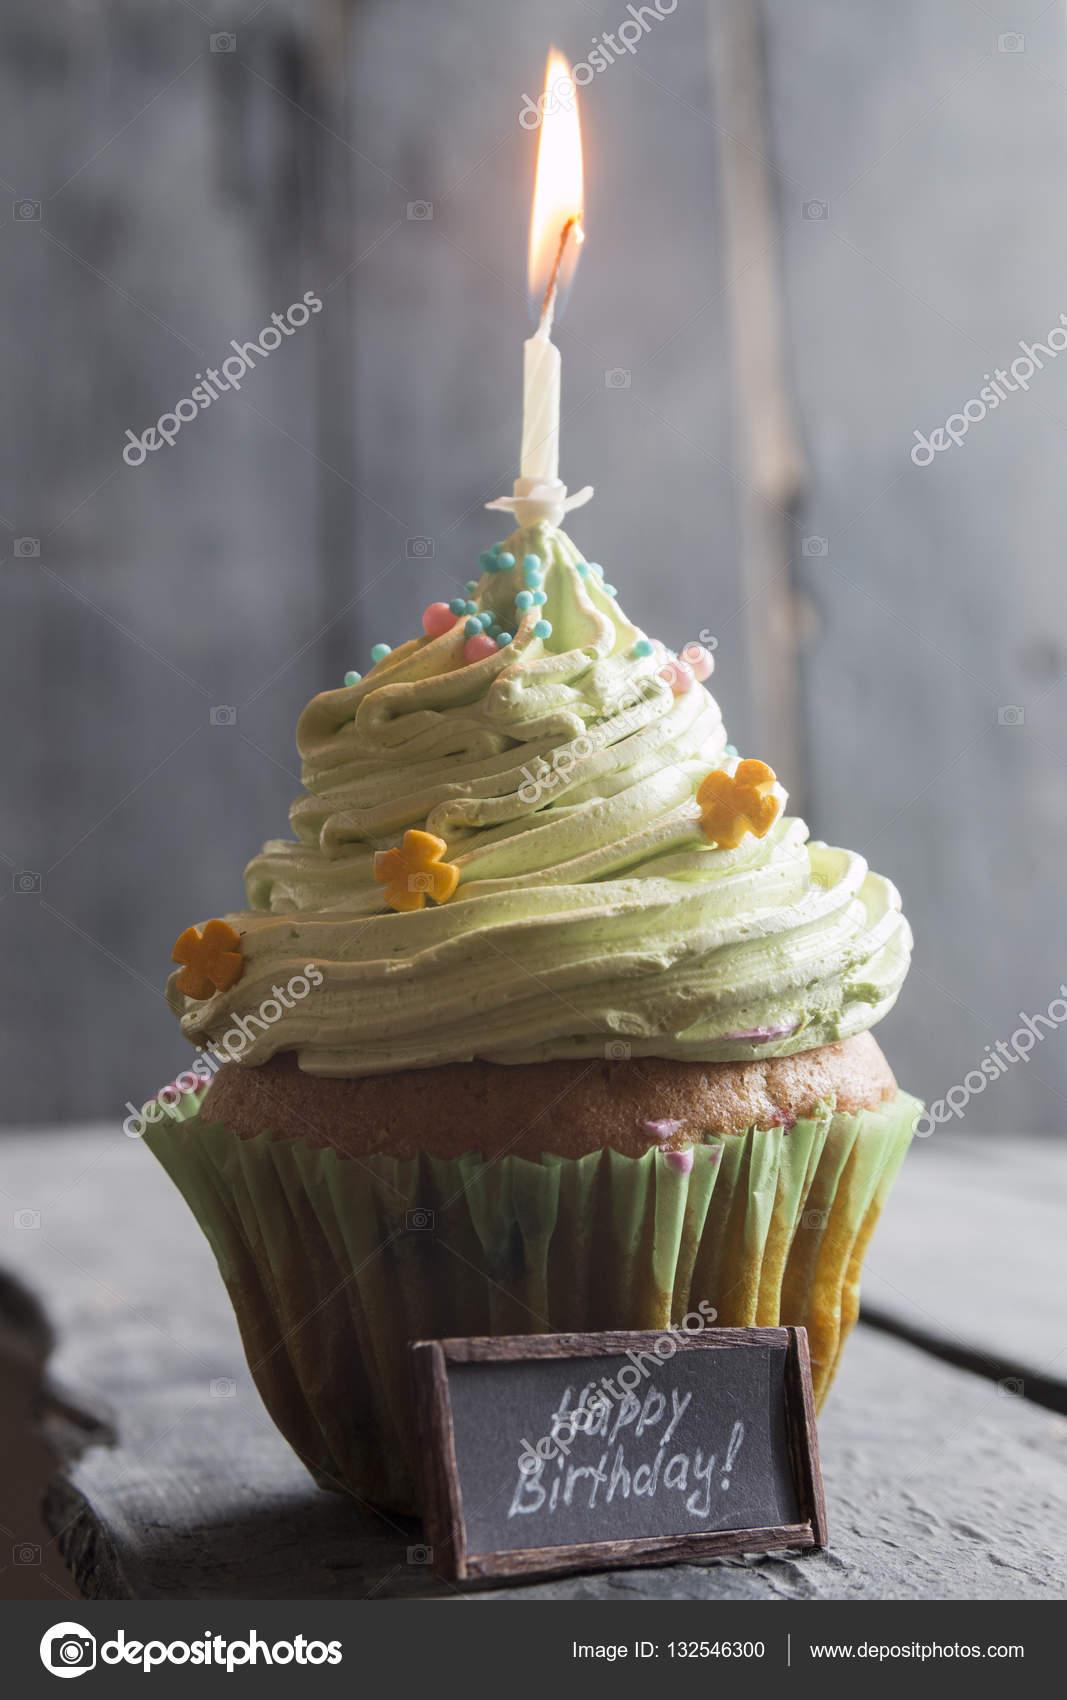 Happy Birthday Text Und Kuchen Mit Einer Kerze Stockfoto